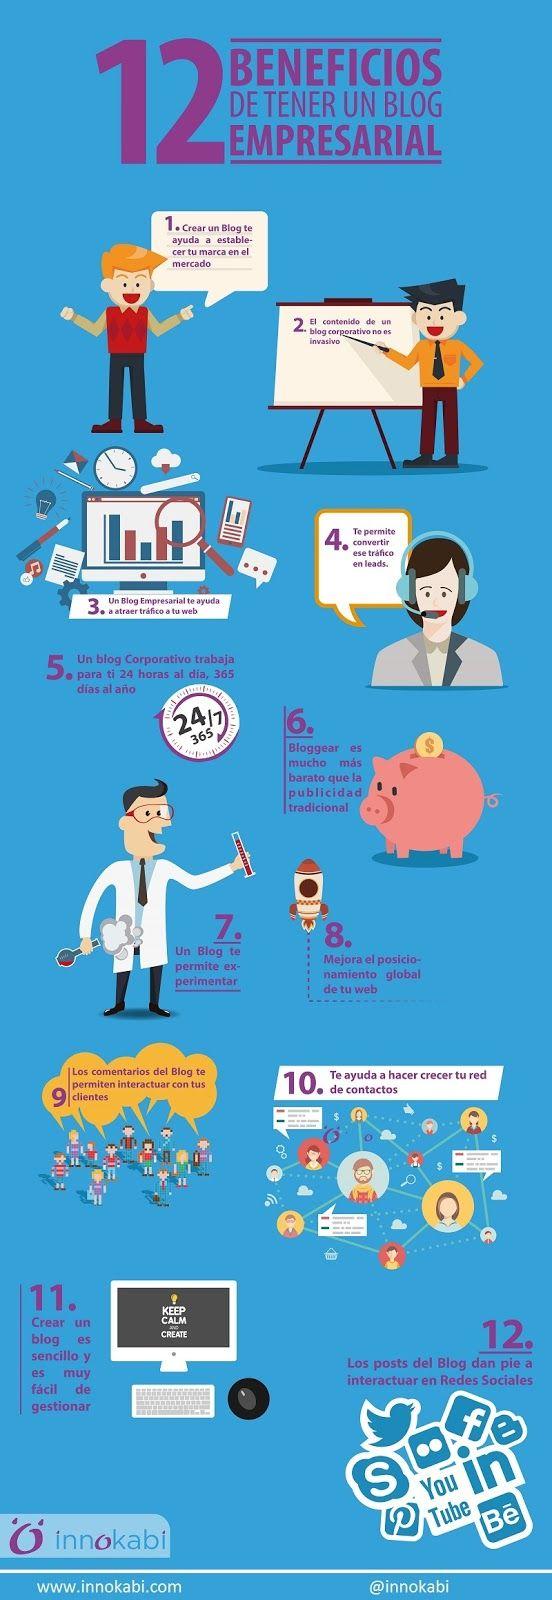 Beneficios de un blog empresarial